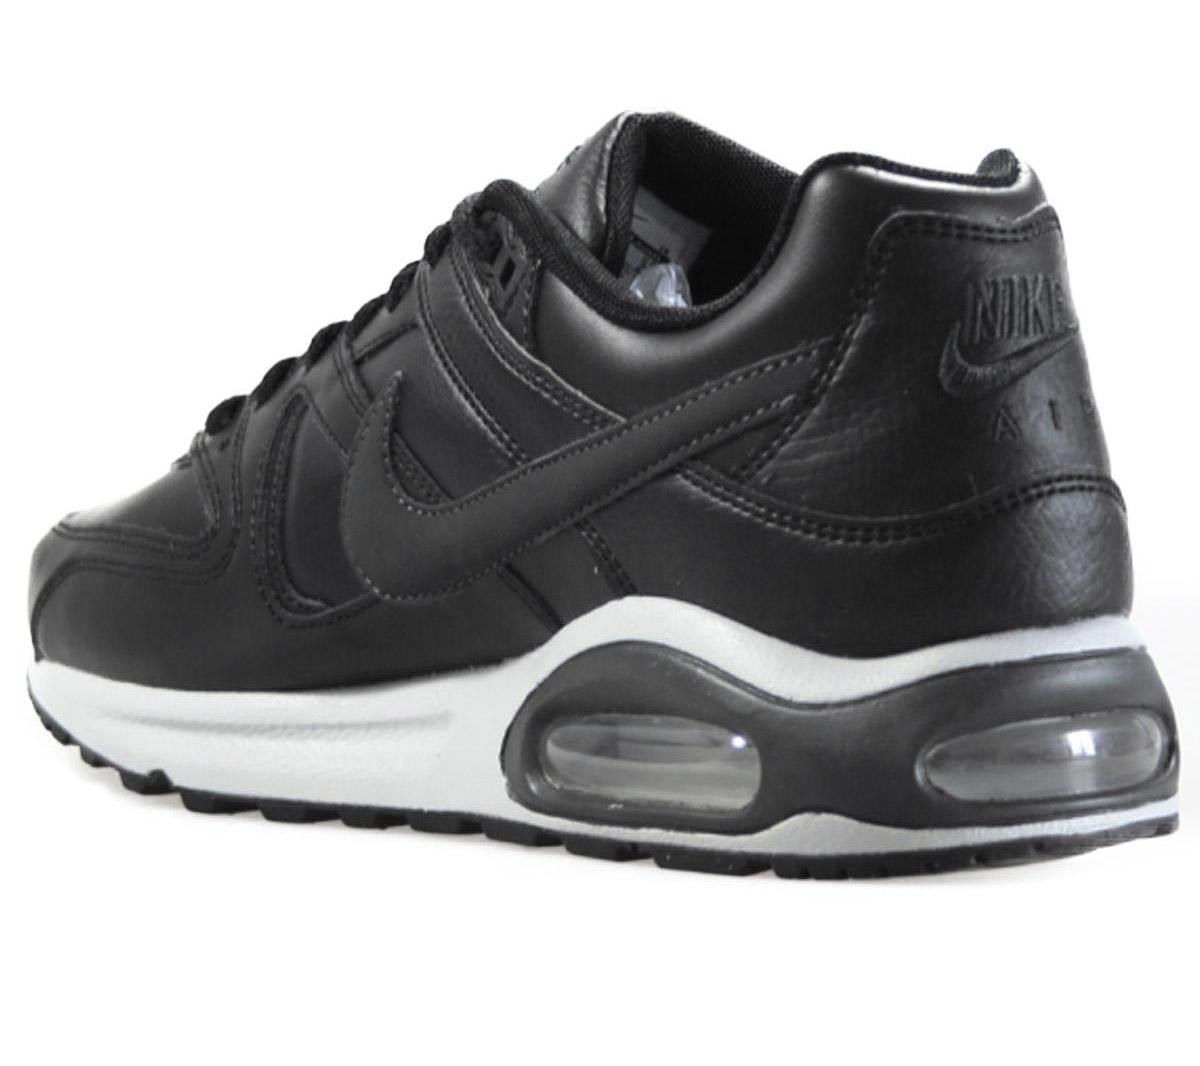 Detalles acerca de Nike Air Max Command Cuero Tenis De Cuero Negro 749760 001 Nuevo mostrar título original